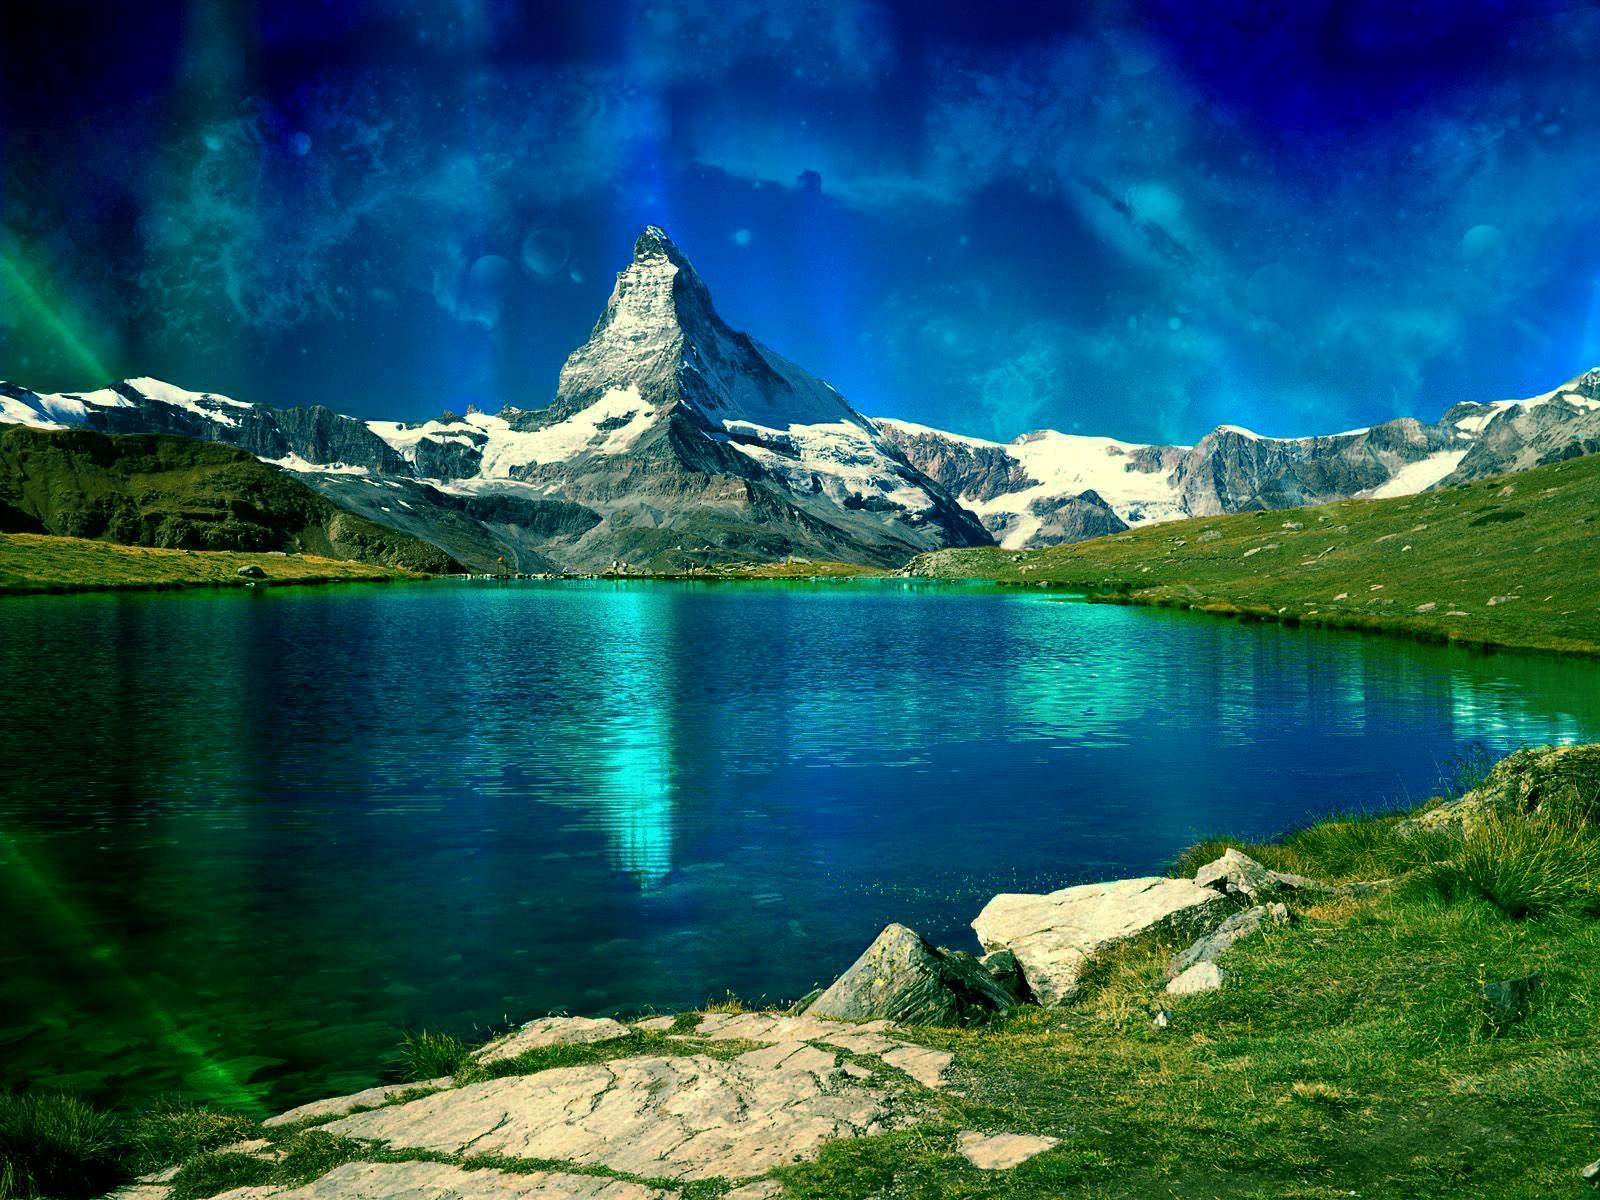 http://2.bp.blogspot.com/_rjV_j7wm_-c/TTiYnCd_H2I/AAAAAAAAAUc/UyidTdyEdZE/s1600/wallpaper.jpg